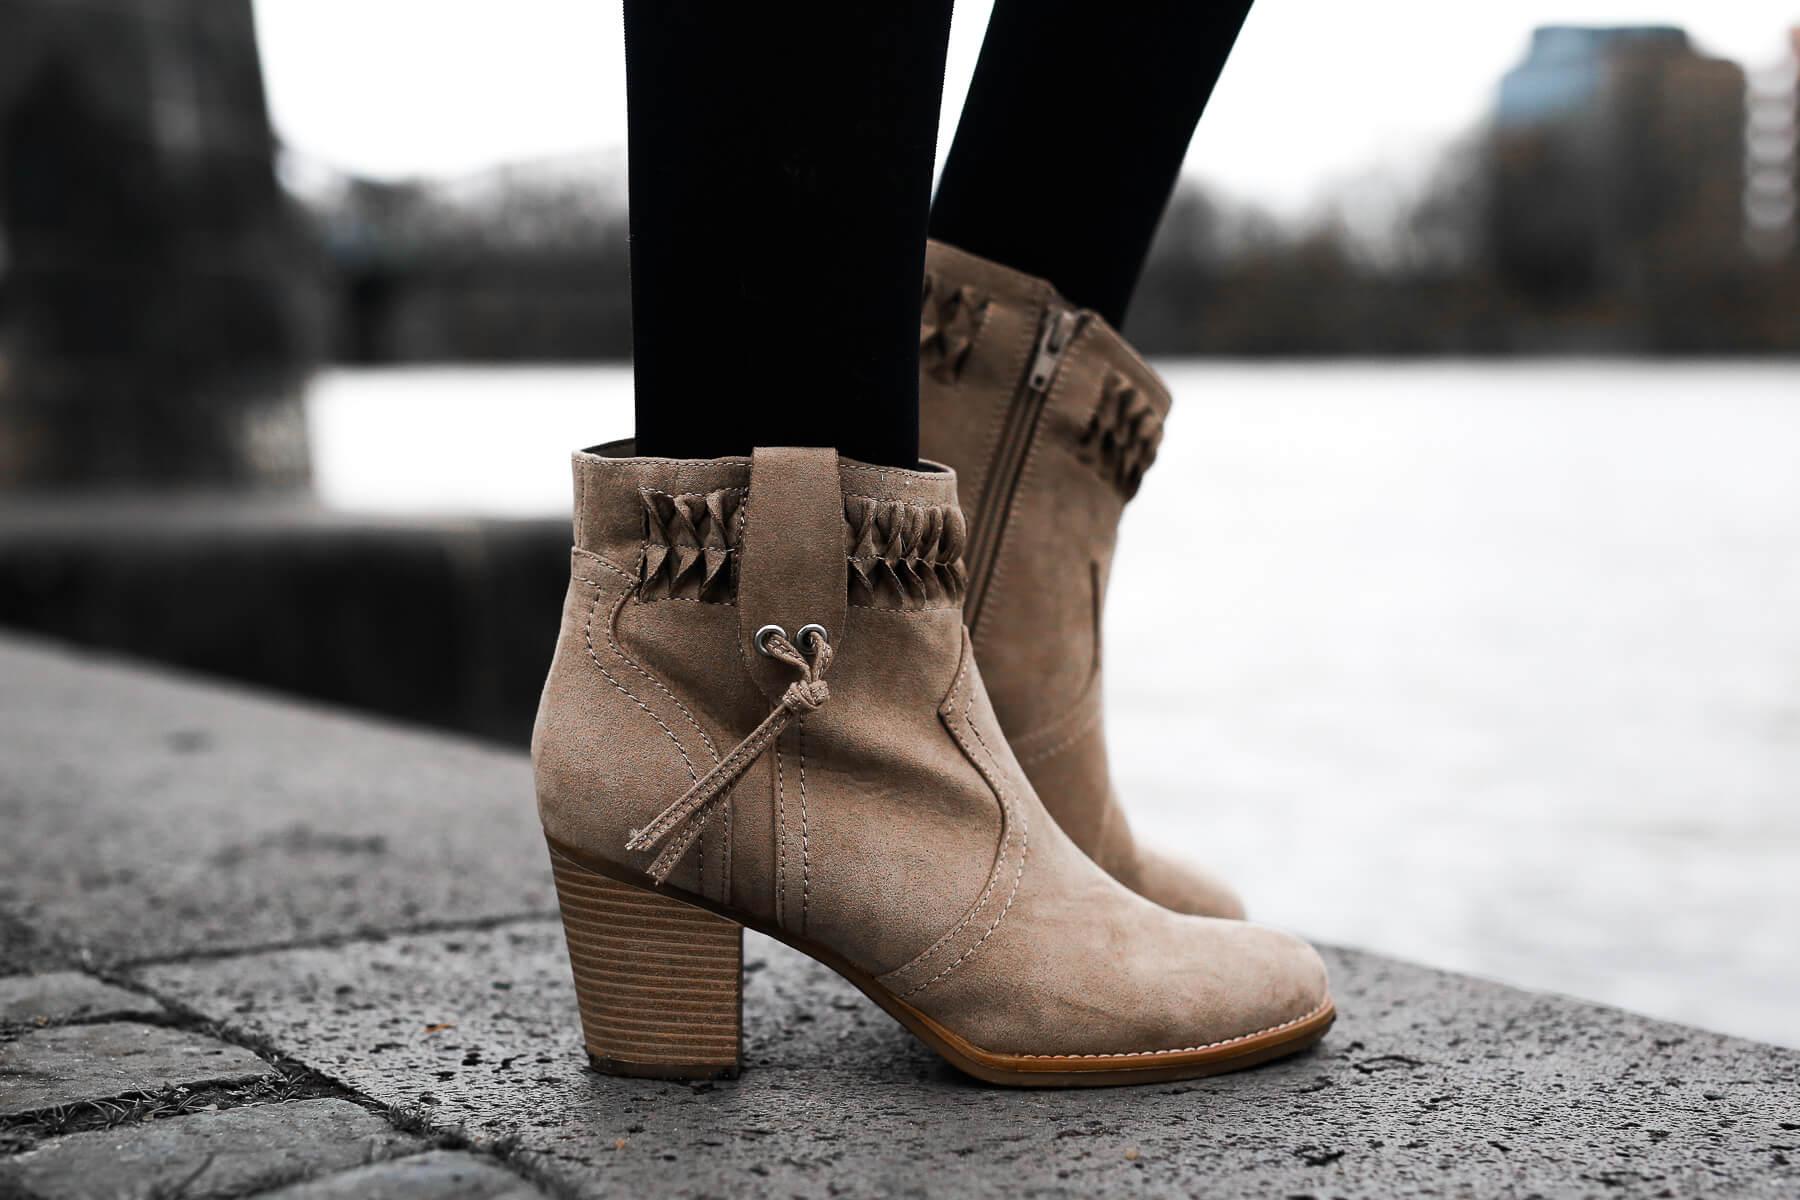 Gedanken an Outlet-Store berühmte Designermarke Boho-Look-Outfit-Winter-beige-Stiefeletten-6 - Shoelove by ...